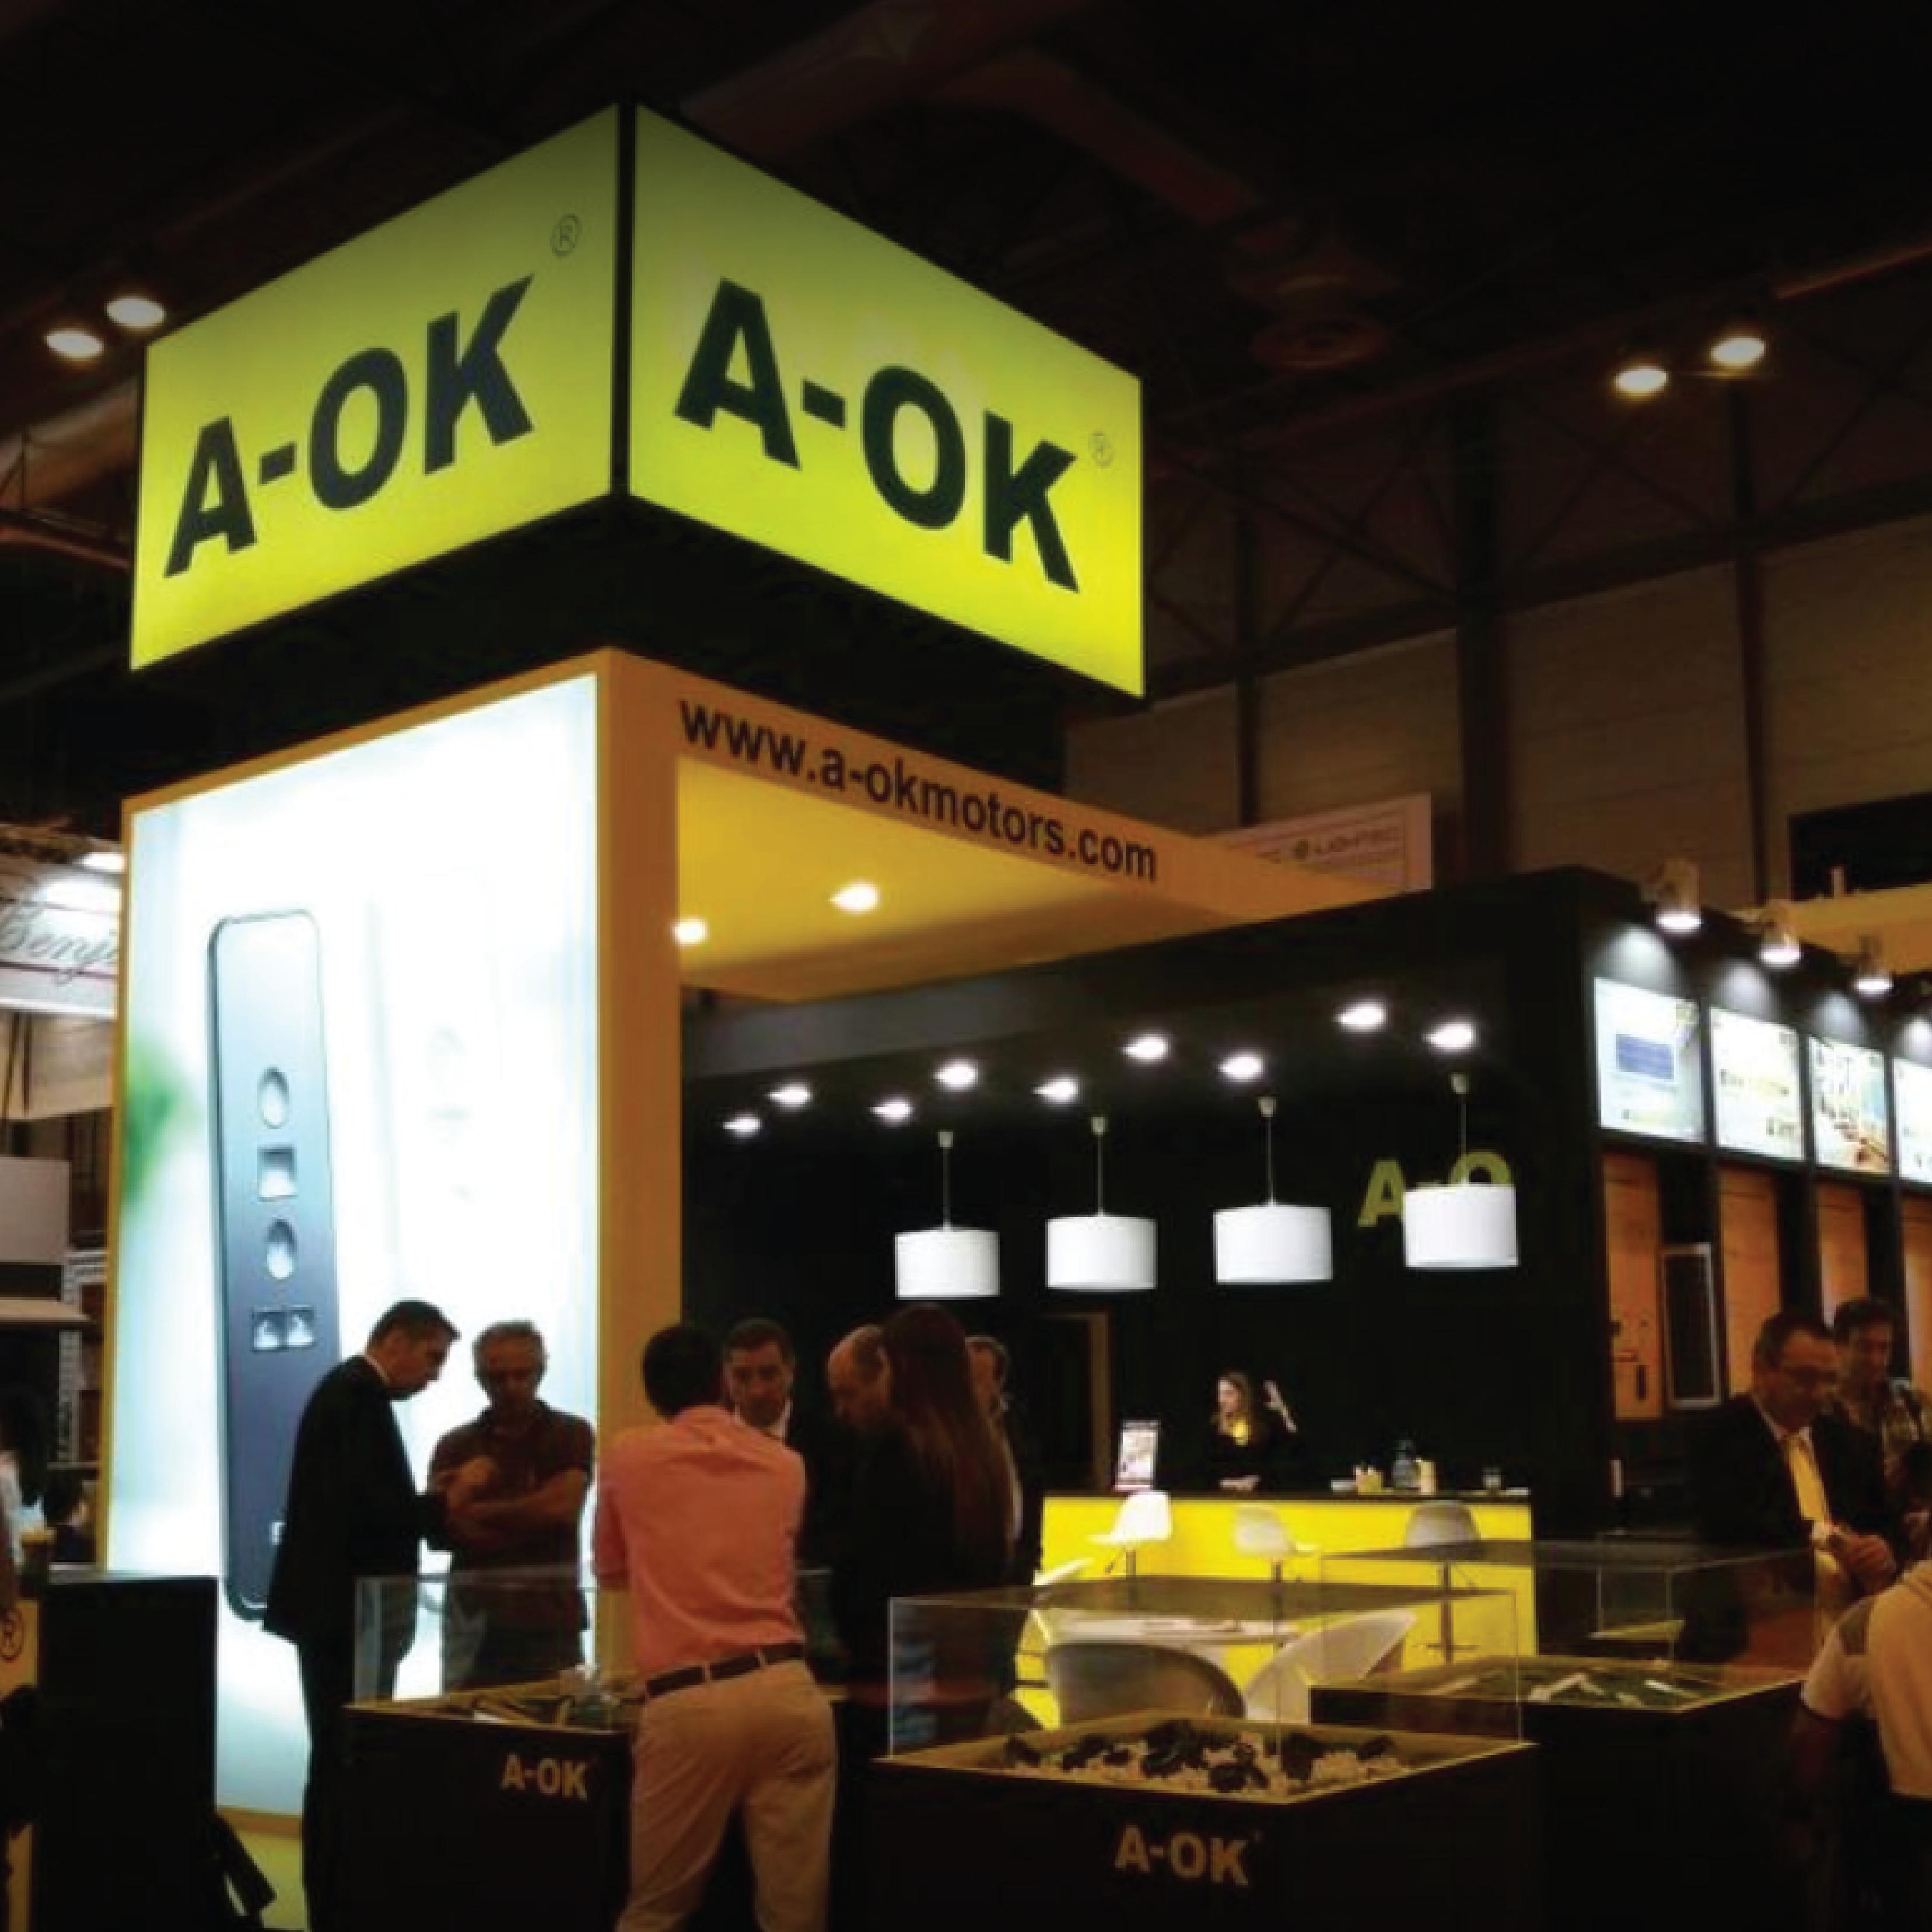 a-ok motors